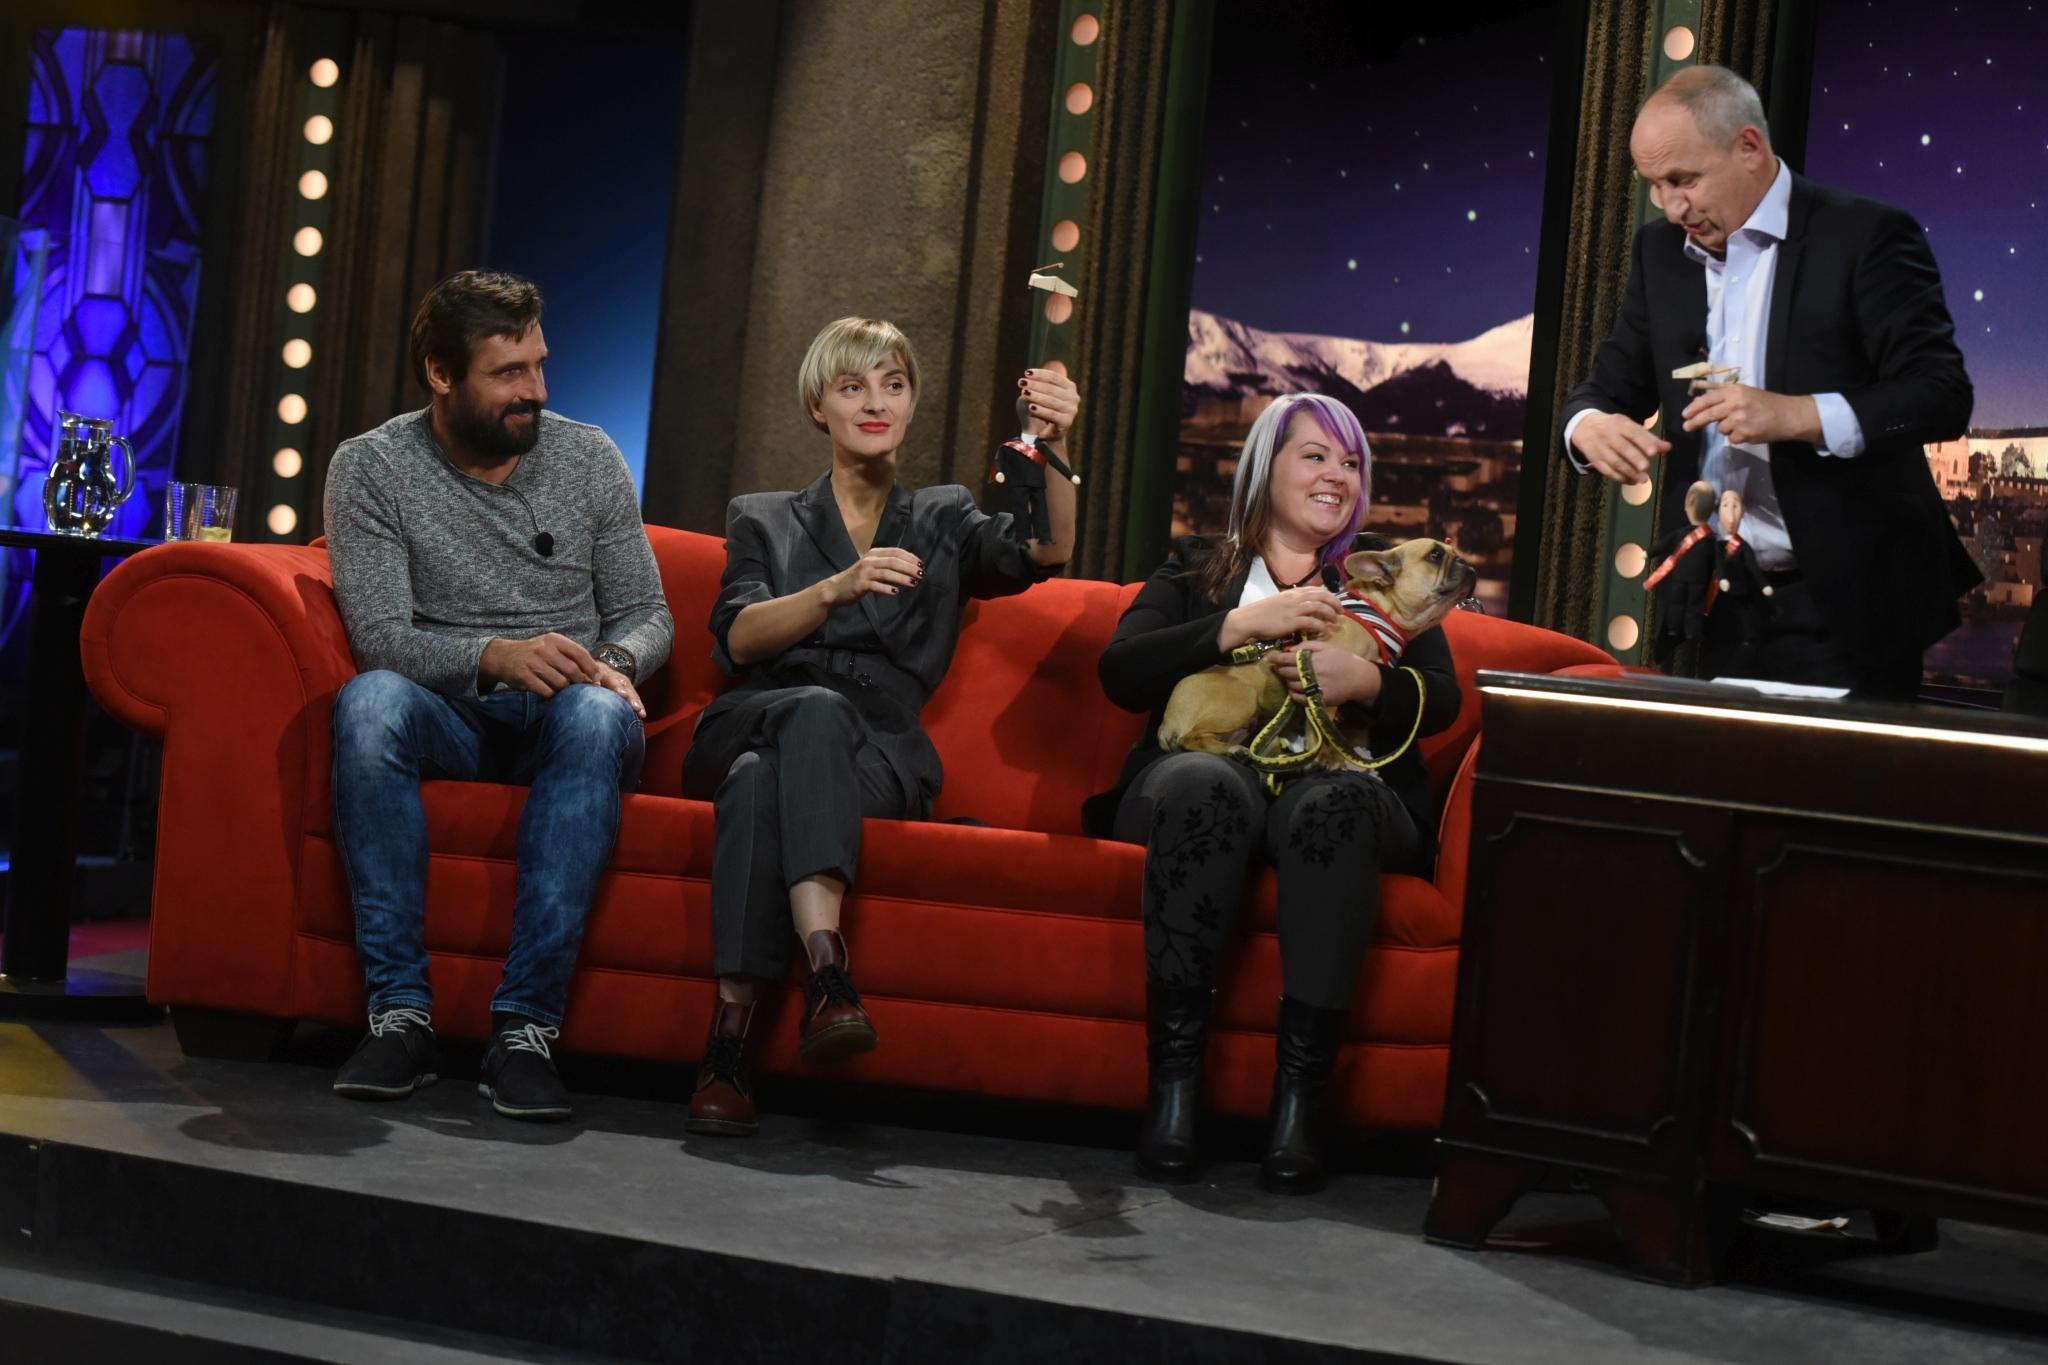 Roman Šebrle, Barbora Poláková a Kateřina Plačková v SJK 3. 10. 2018